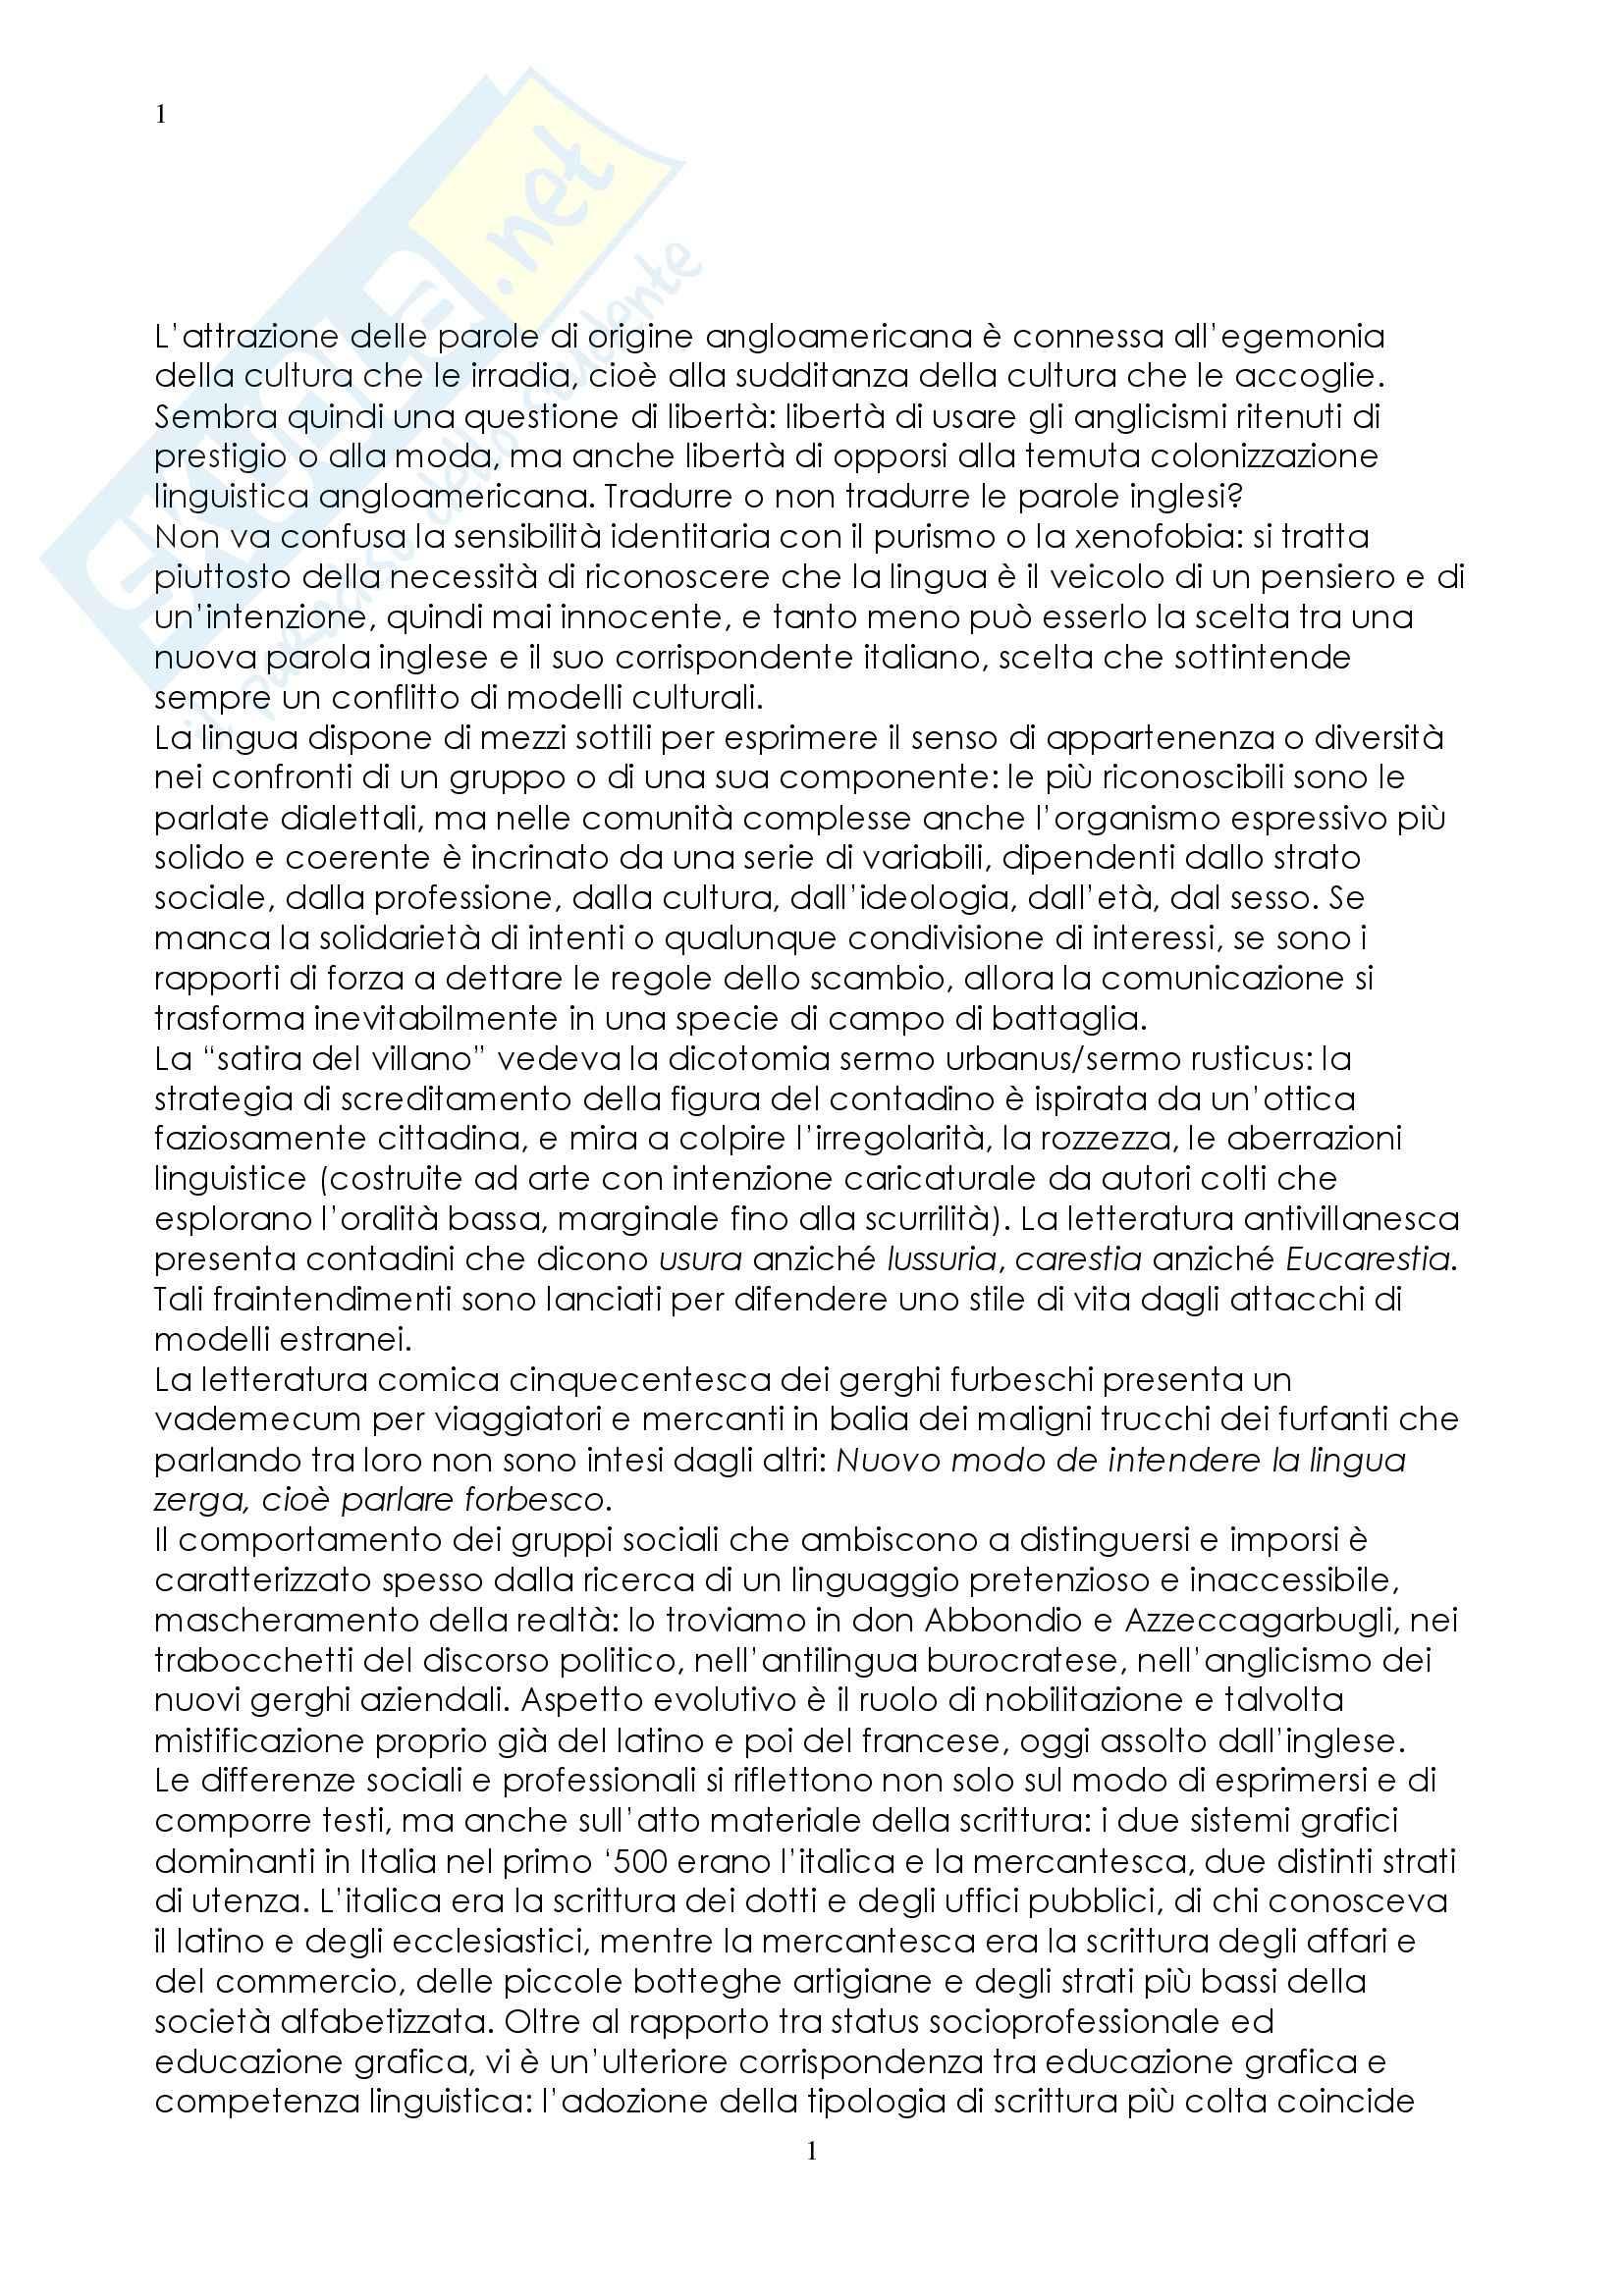 Riassunto esame Linguistica Italiana, prof. Martinelli, libro consigliato Lingua e Identità, Trifone